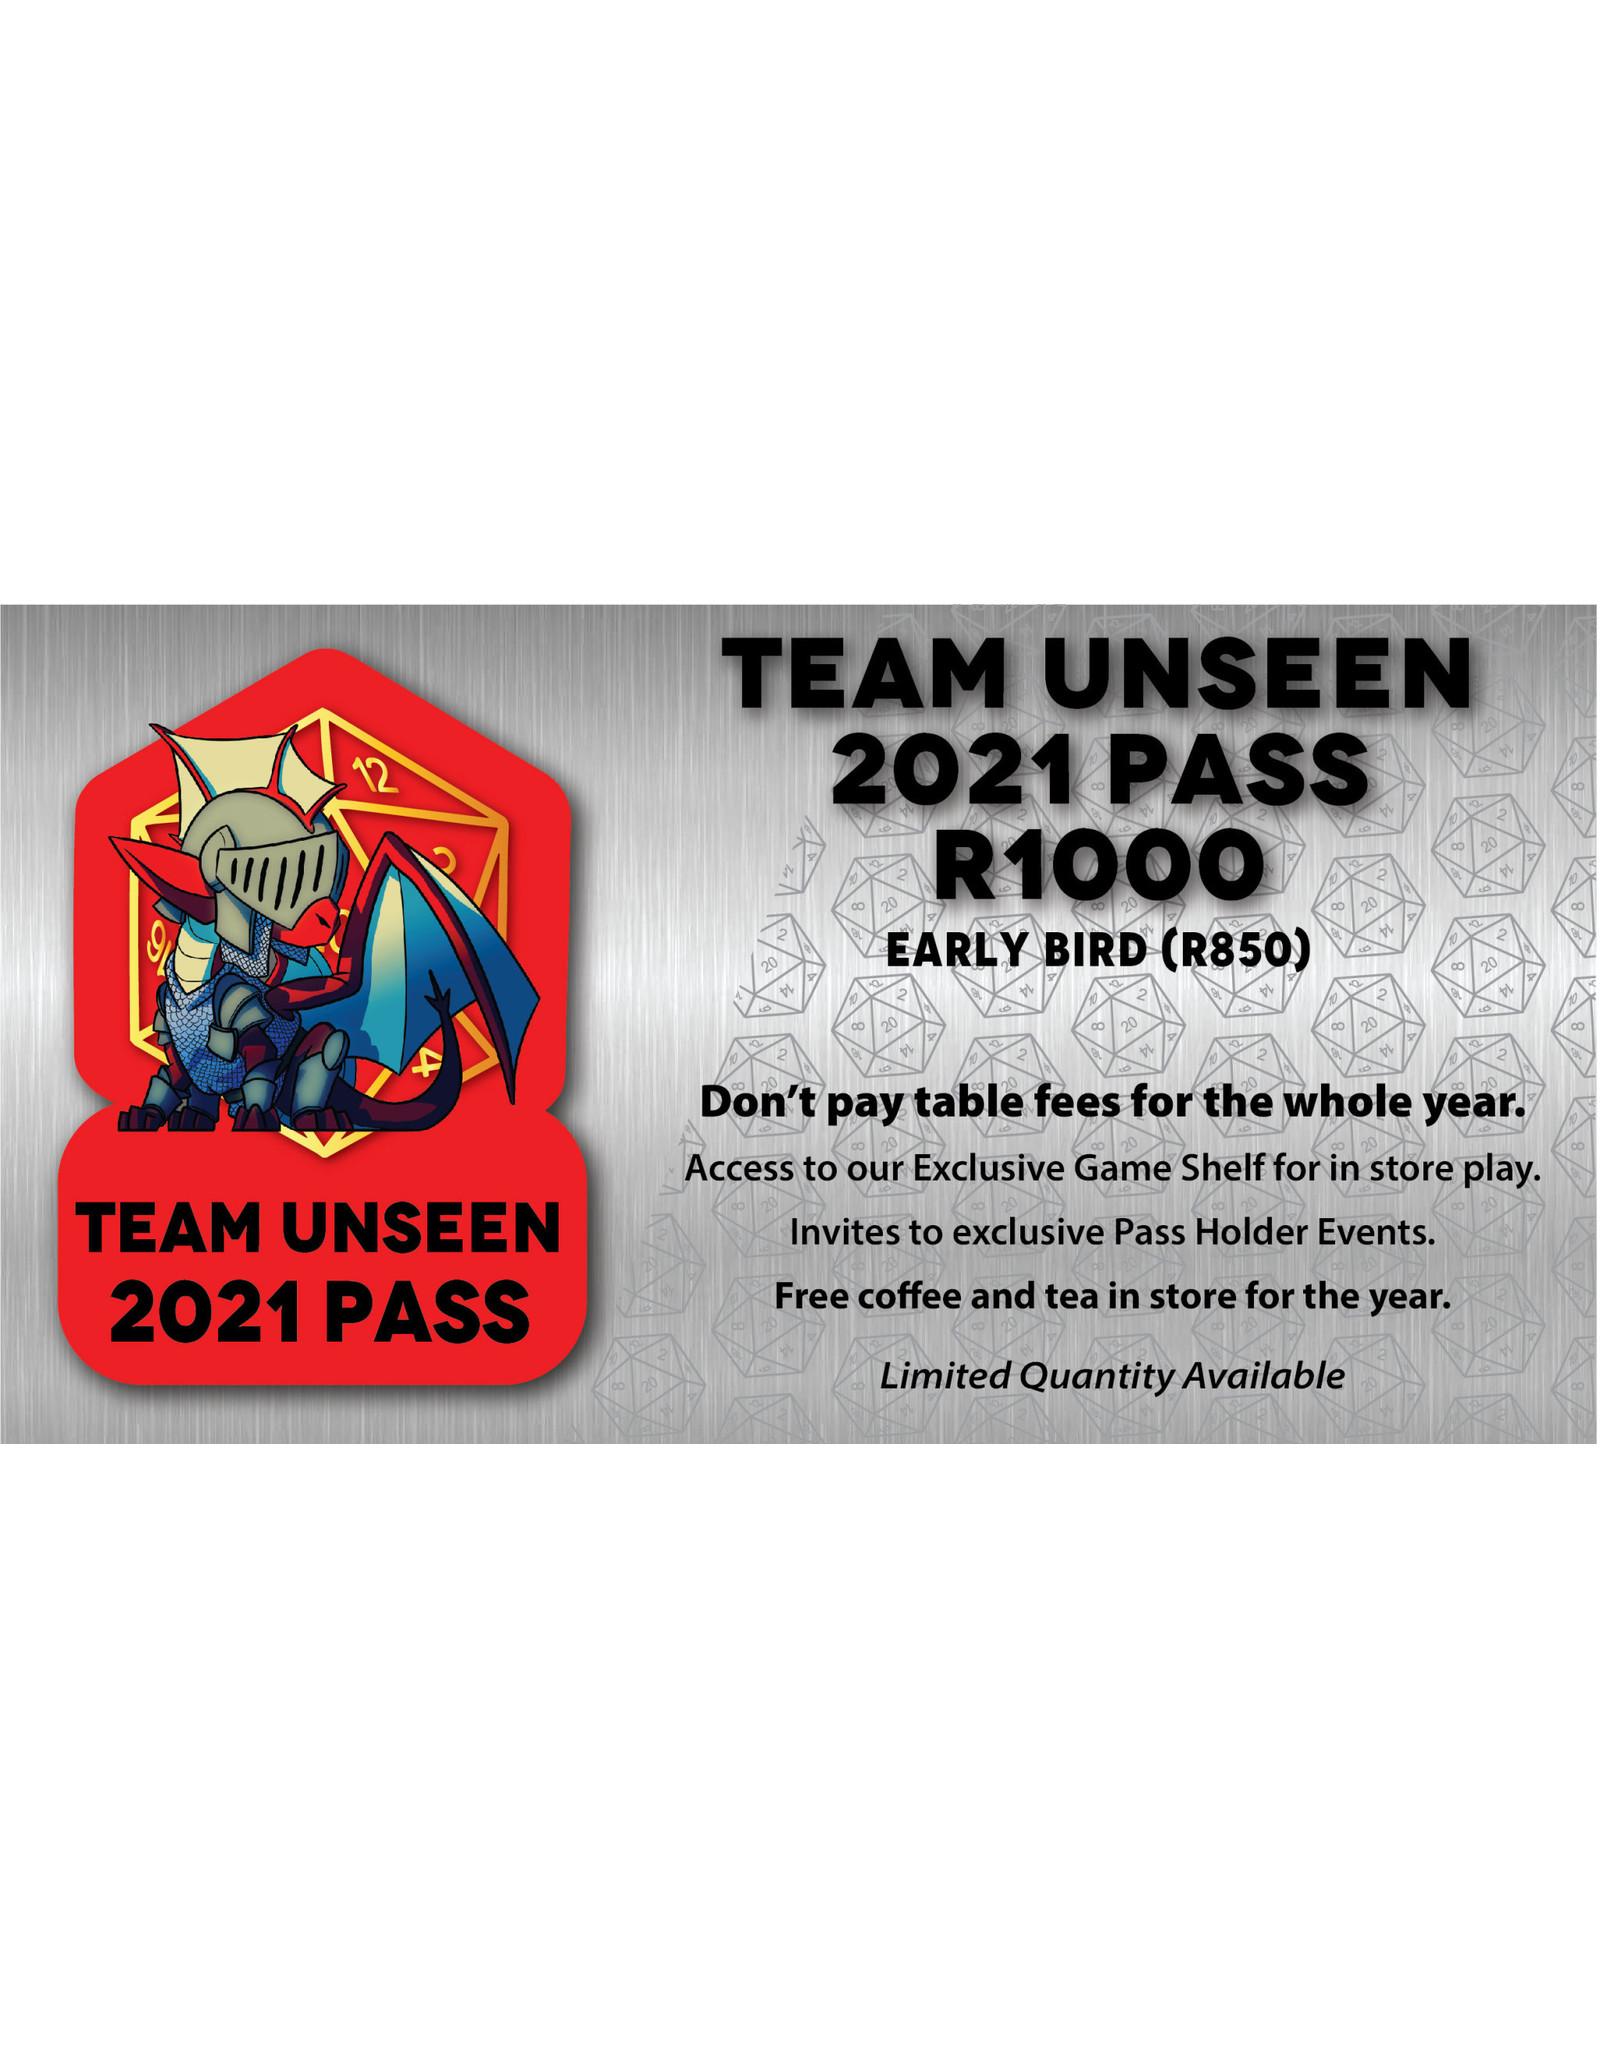 Team Unseen 2021 Pass